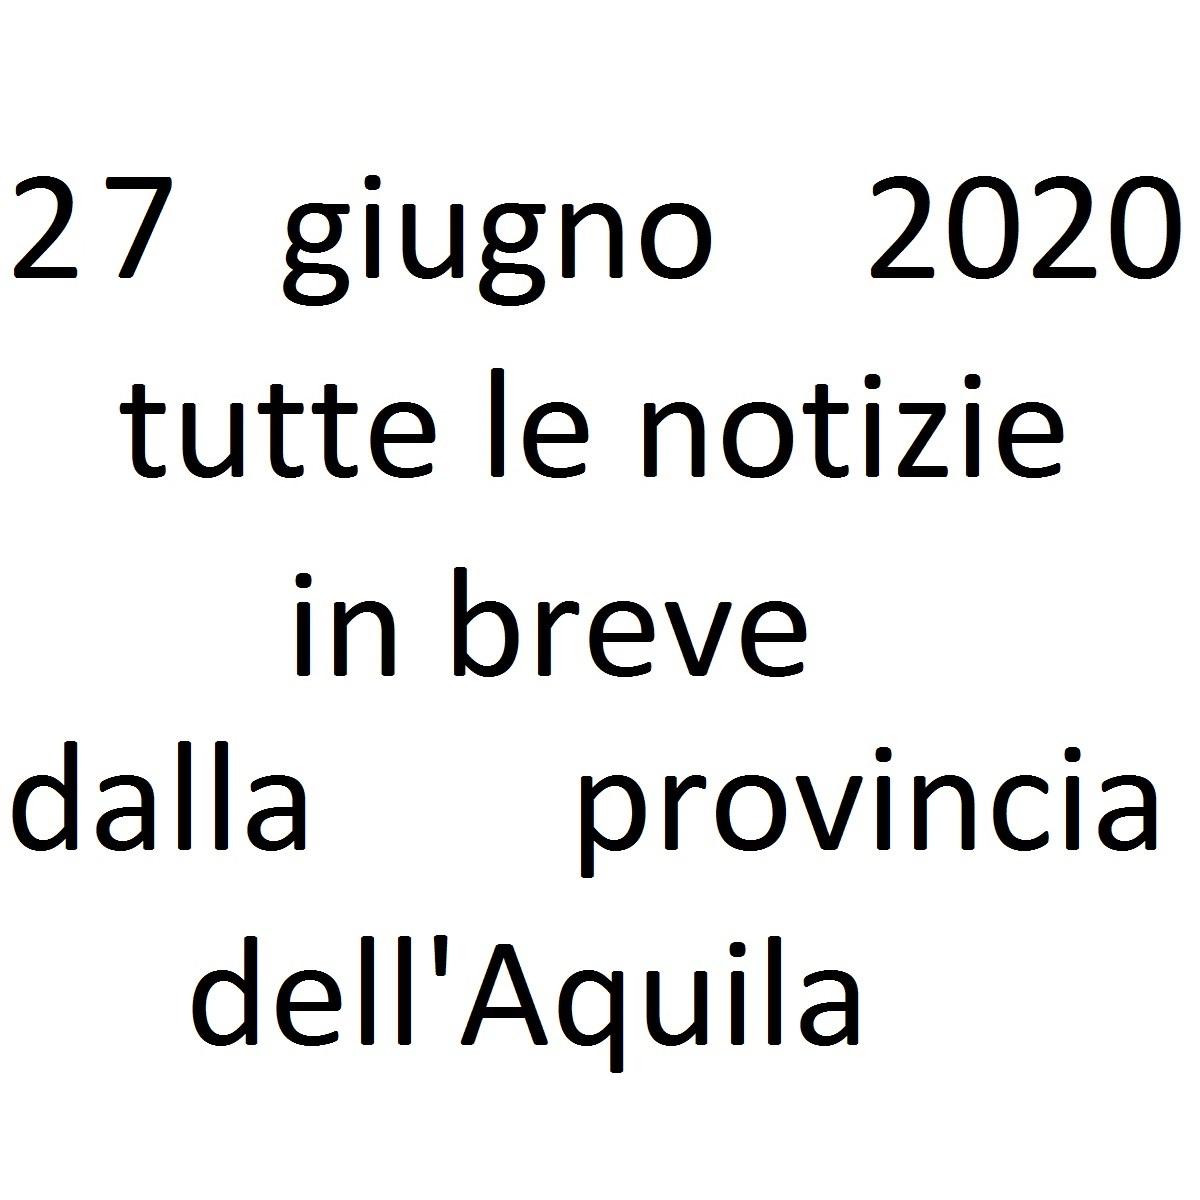 27 giugno 2020 notizie in breve dalla Provincia dell'Aquila foto